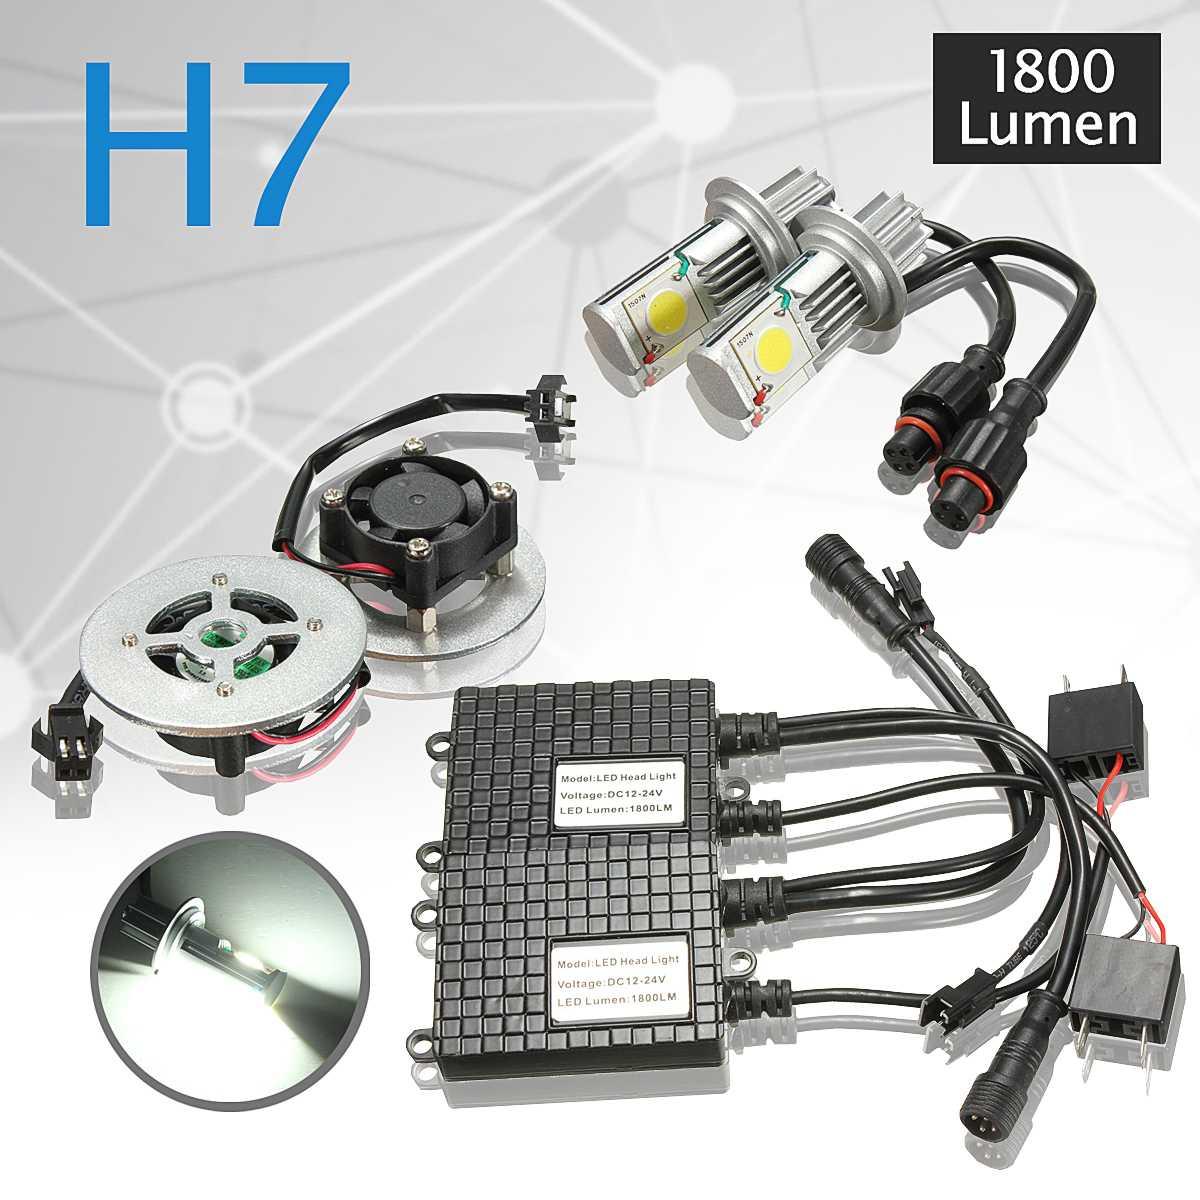 2x Авто 50 w 1800LM 6500 k H7 светодиодный головы передняя лампа Foglight Комплект DC 12 V 24 V низкое потребление энергоэффективный свет